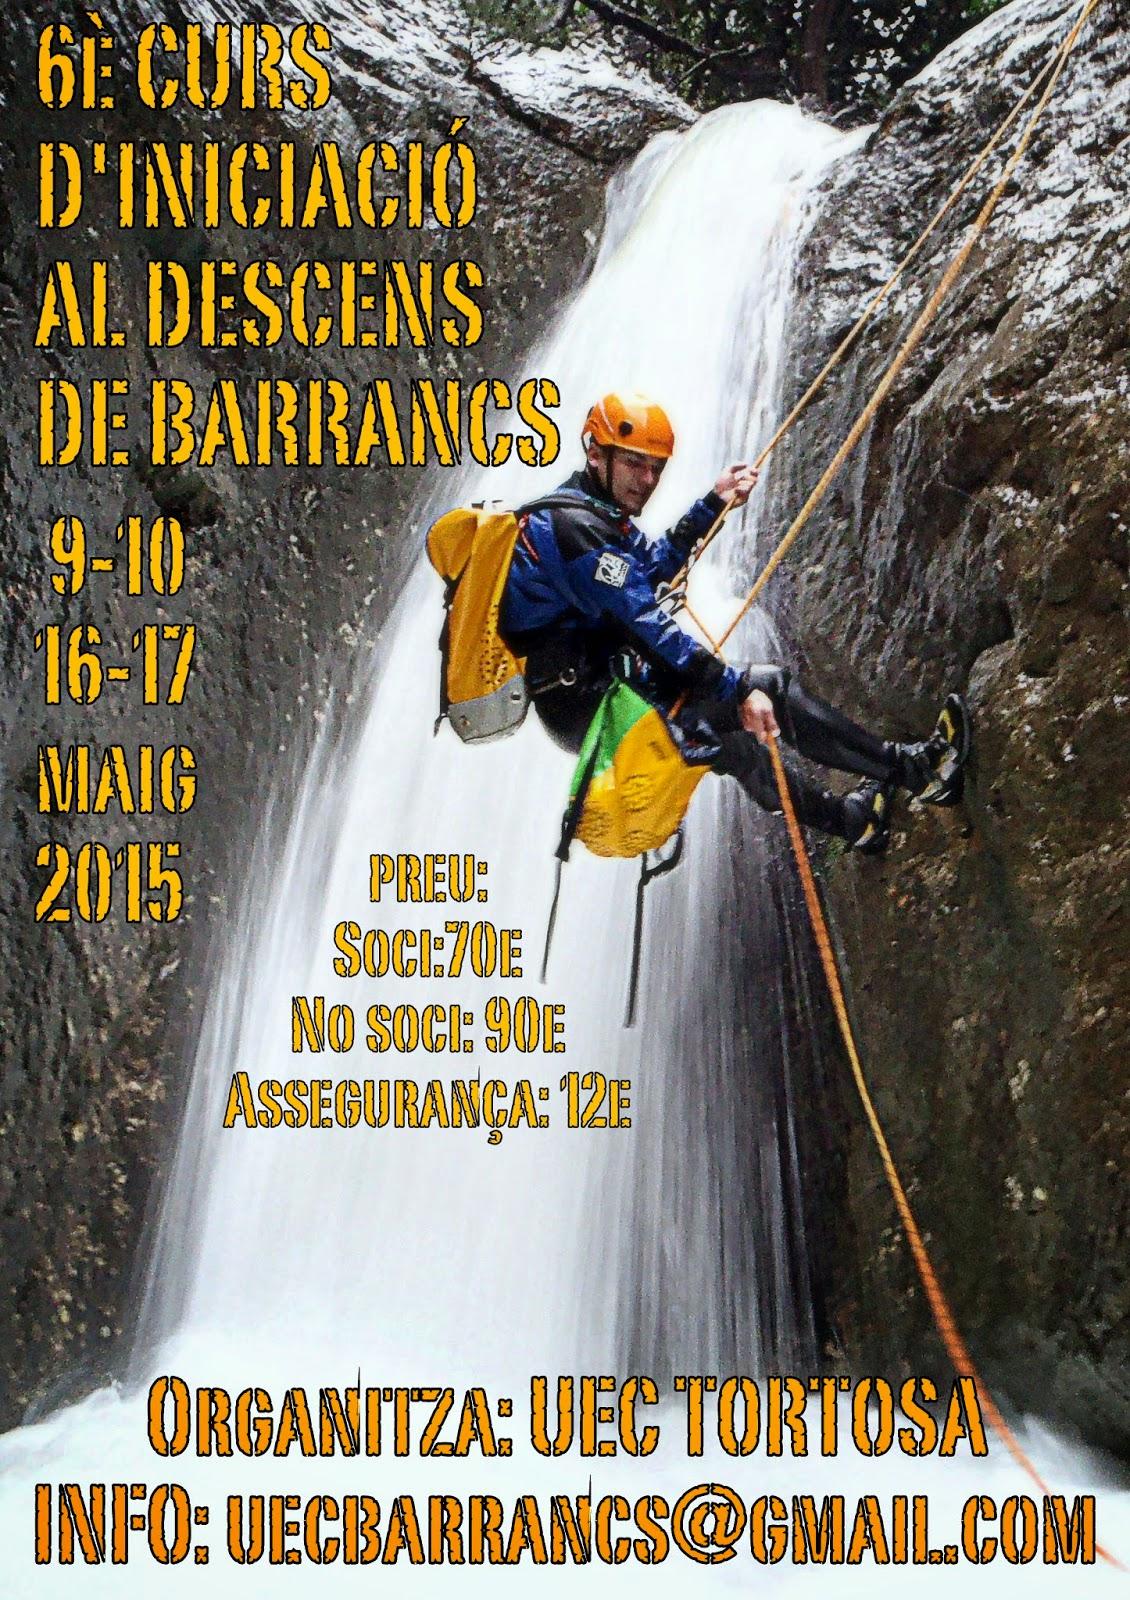 6è CURS D'INICIACIÓ AL DESCENS DE BARRANCS